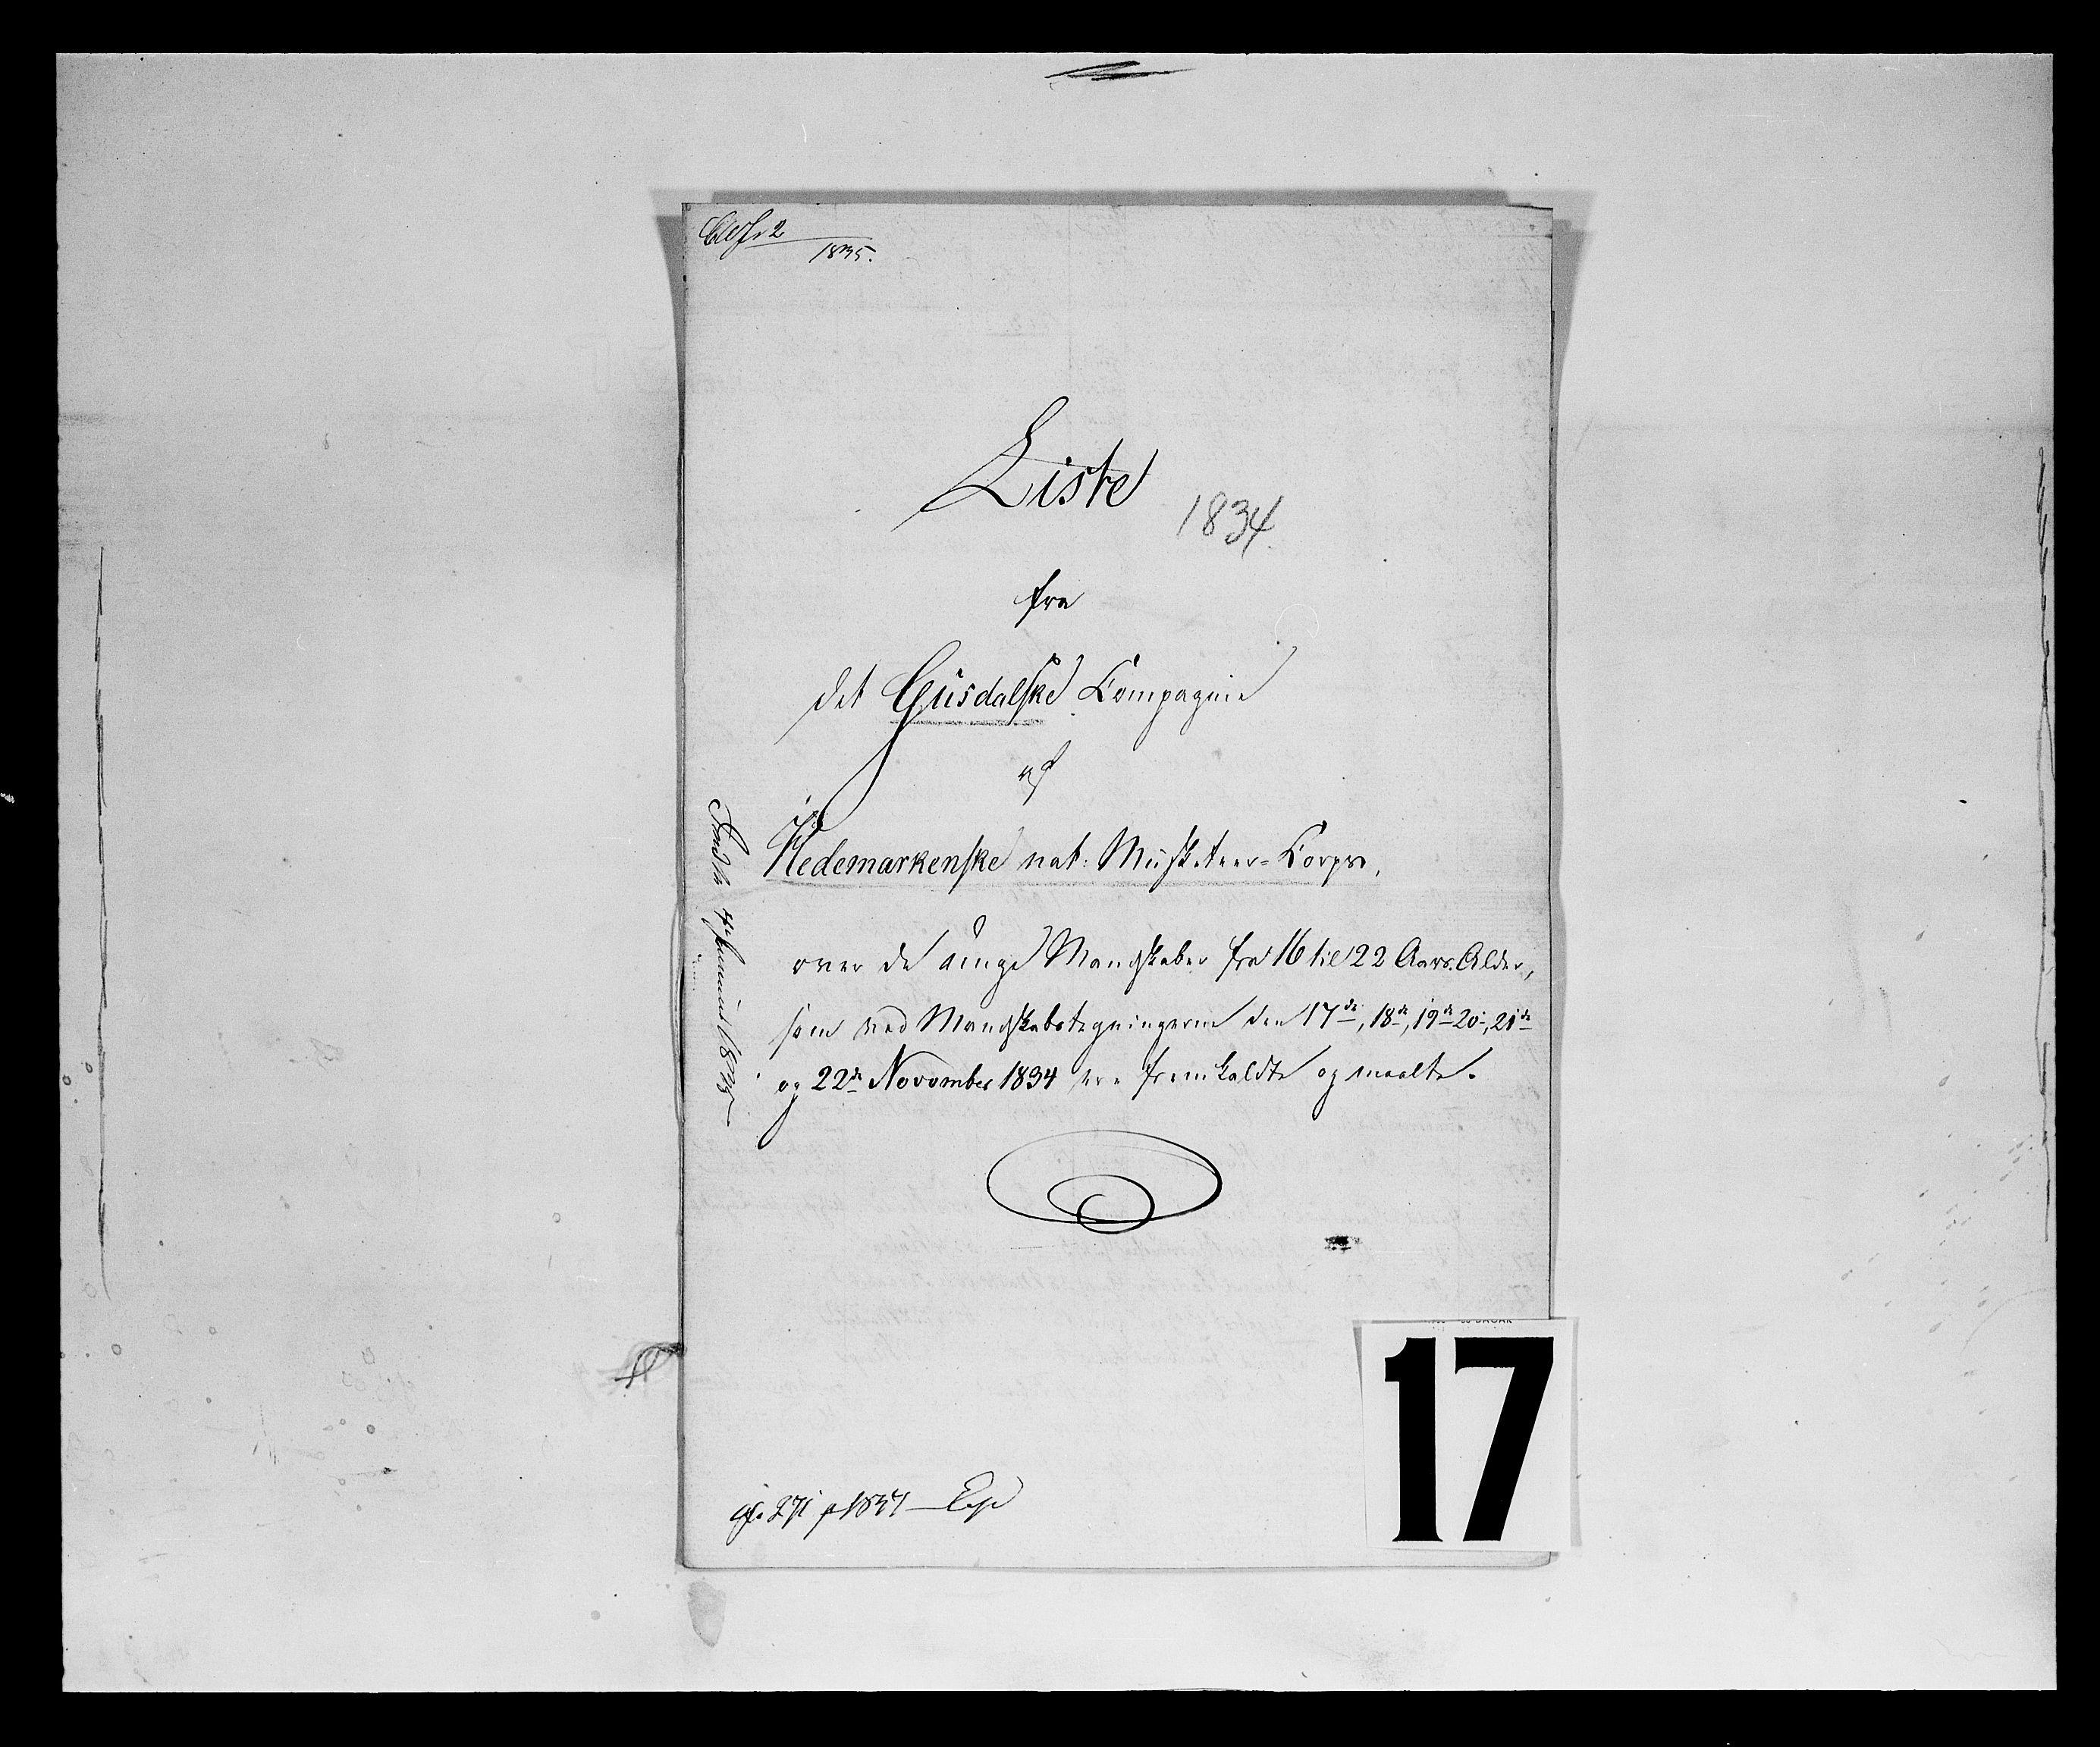 SAH, Fylkesmannen i Oppland, K/Ka/L1155: Gudbrandsdalen nasjonale musketérkorps - Gausdalske kompani, 3. og 4. divisjon av Opland landvernsbataljon, 1818-1860, s. 42